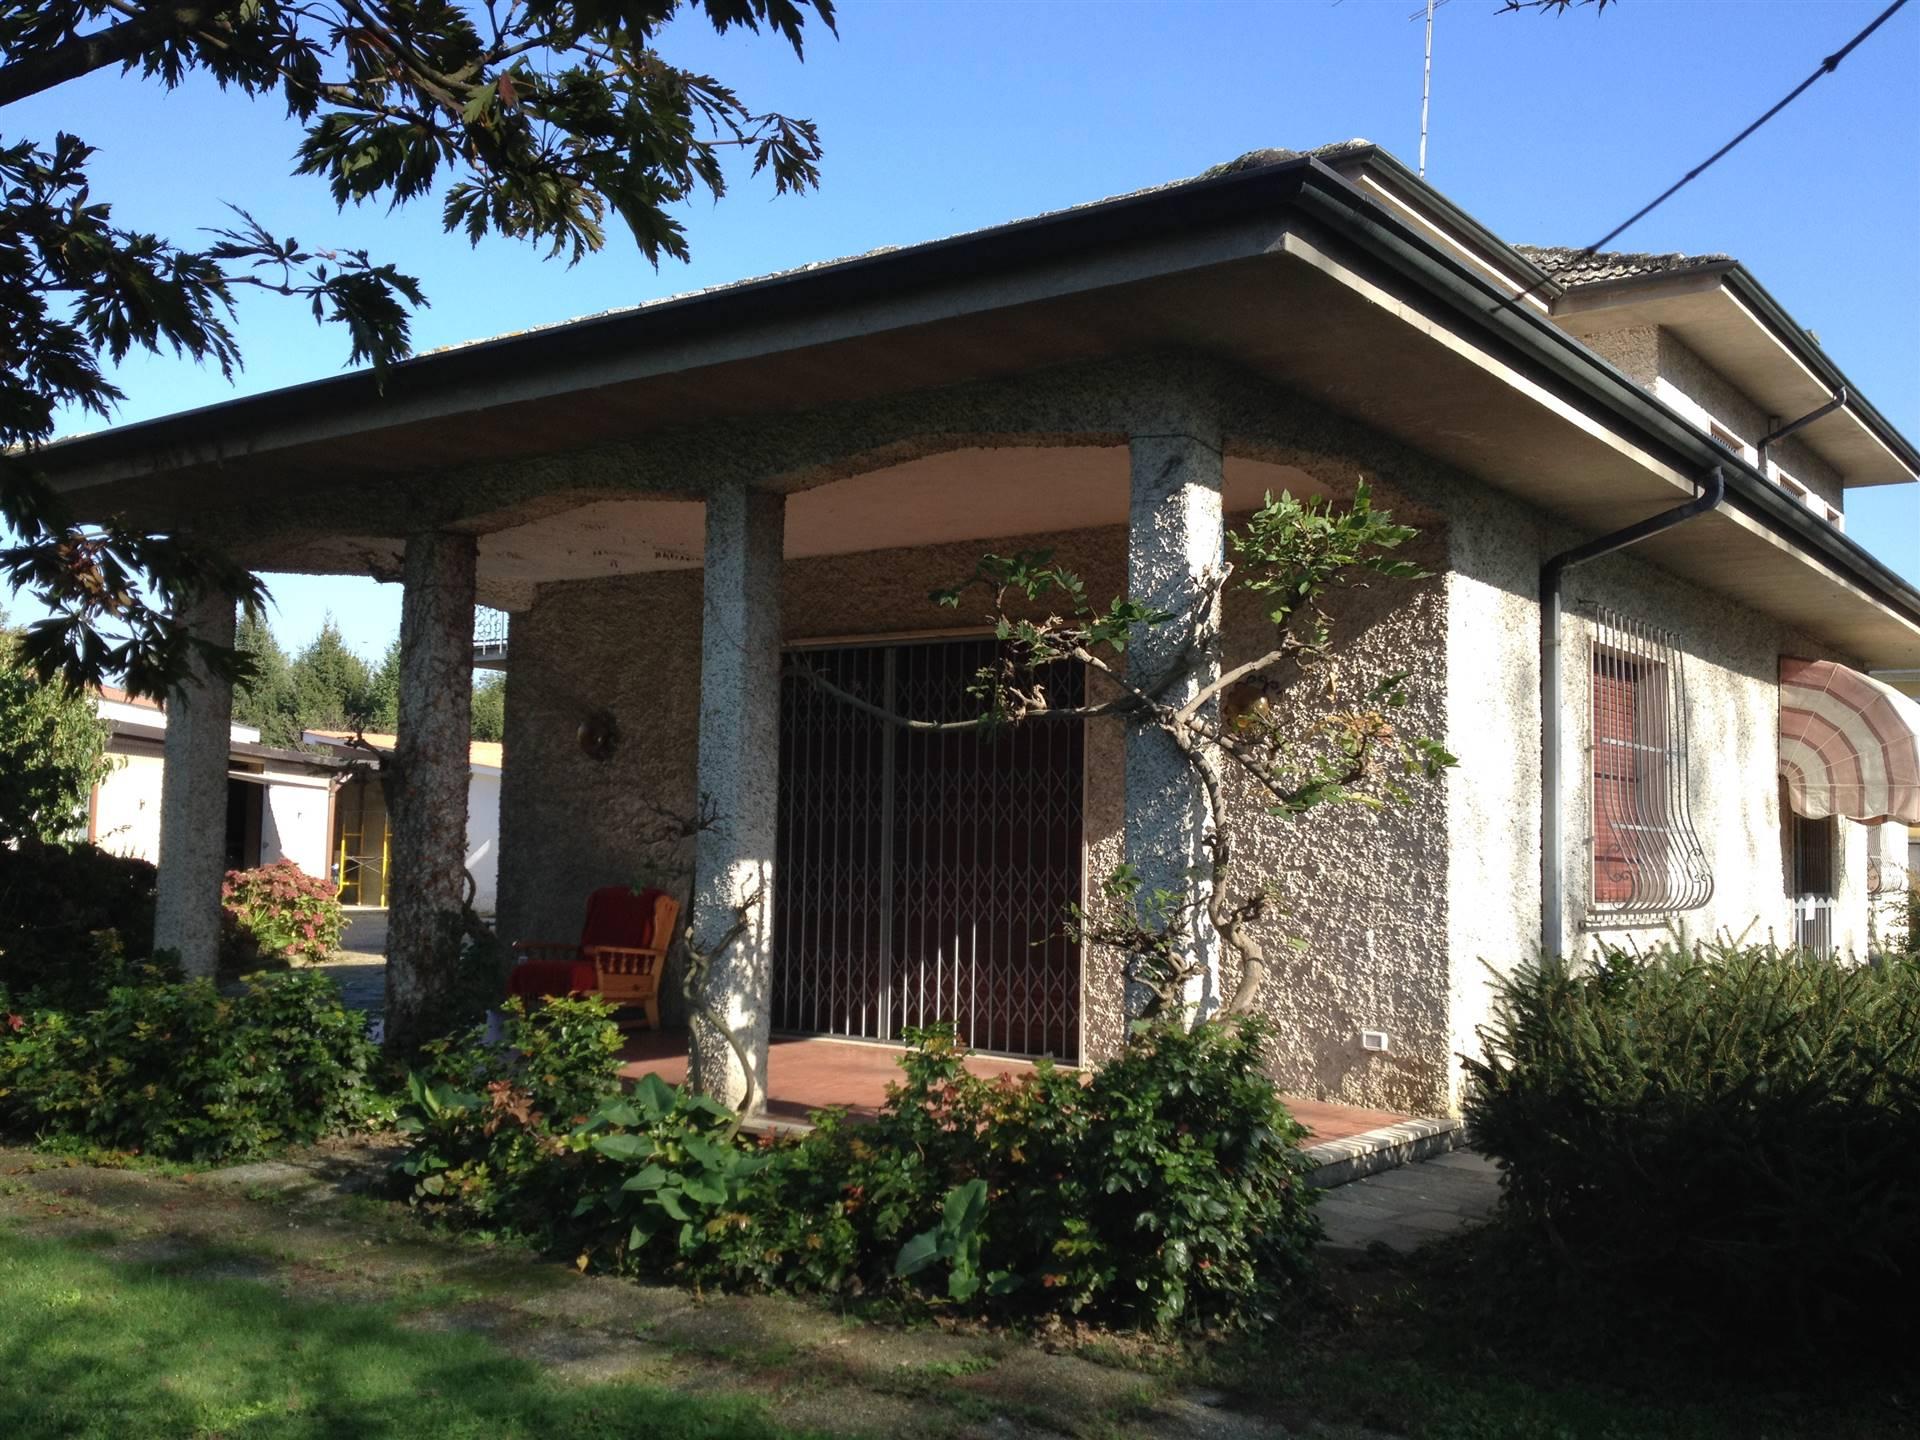 Villa in vendita a Breme, 8 locali, prezzo € 250.000 | CambioCasa.it